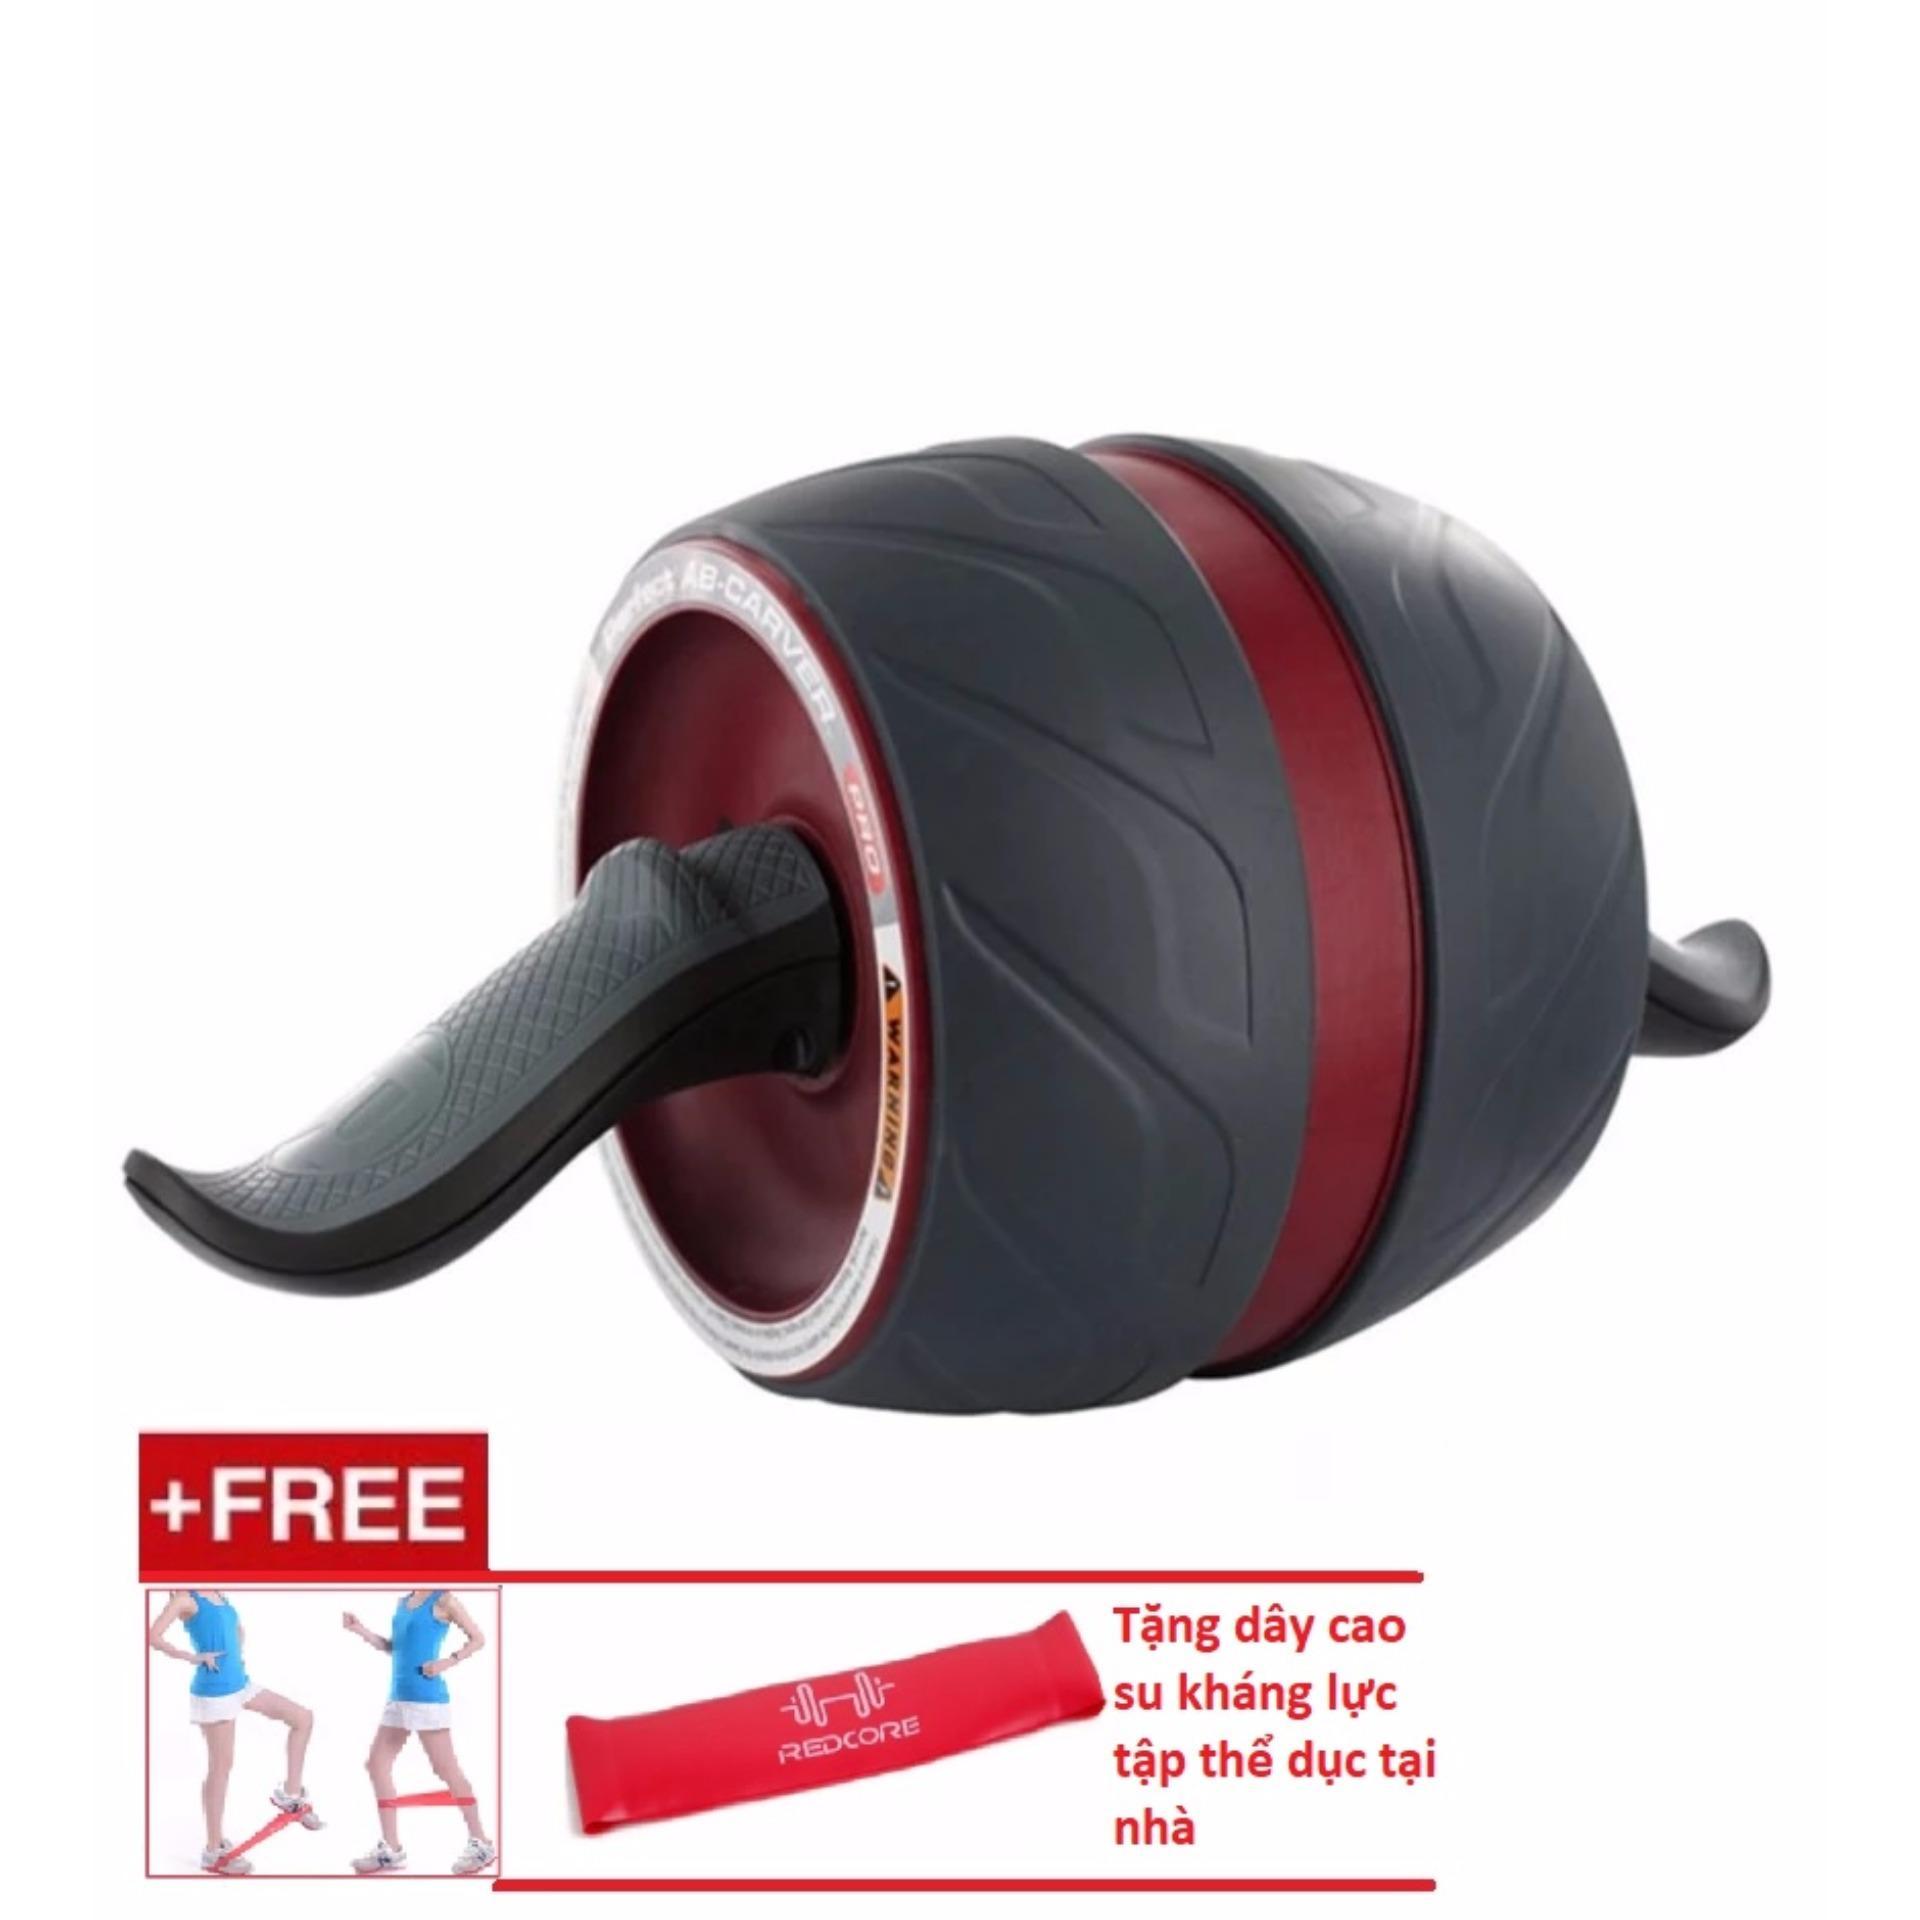 Máy tập cơ bụng đa năng AB Carver Pro (Đen phối Đỏ) + Tặng dây kháng lực tập thẻ dục tại nhà